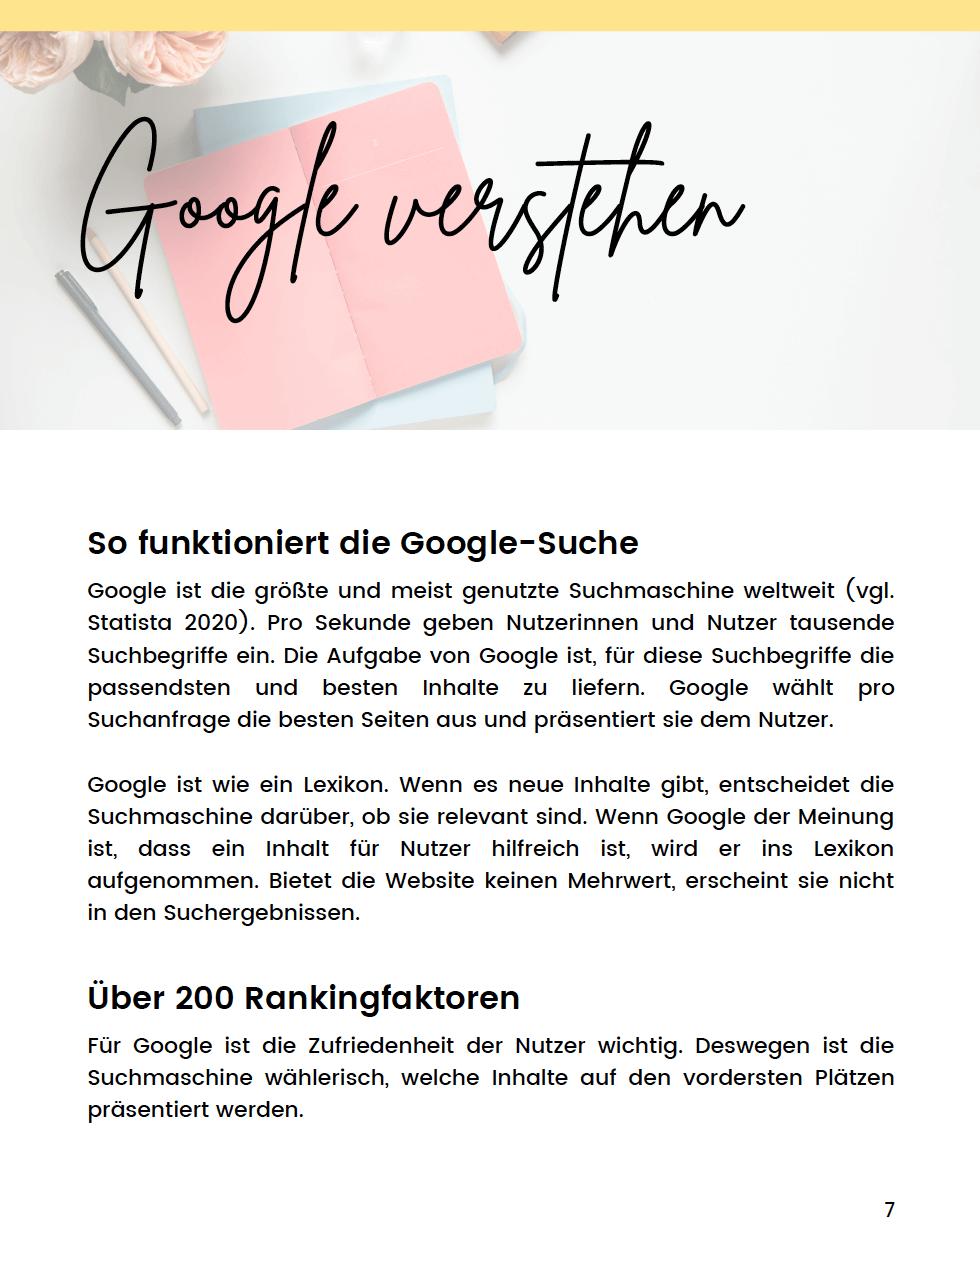 ebook-vorschaubild-2